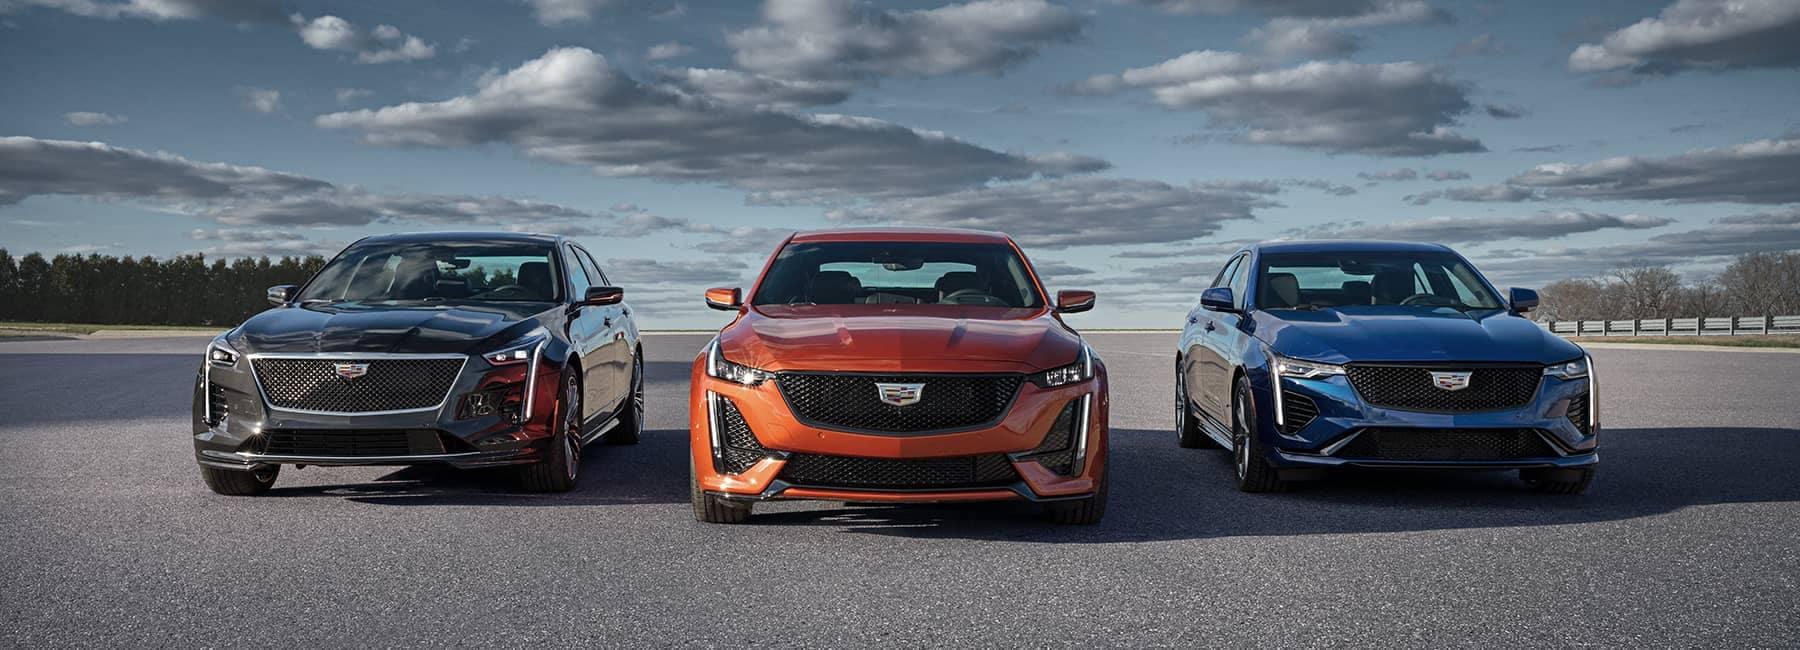 Cadillac-lineup